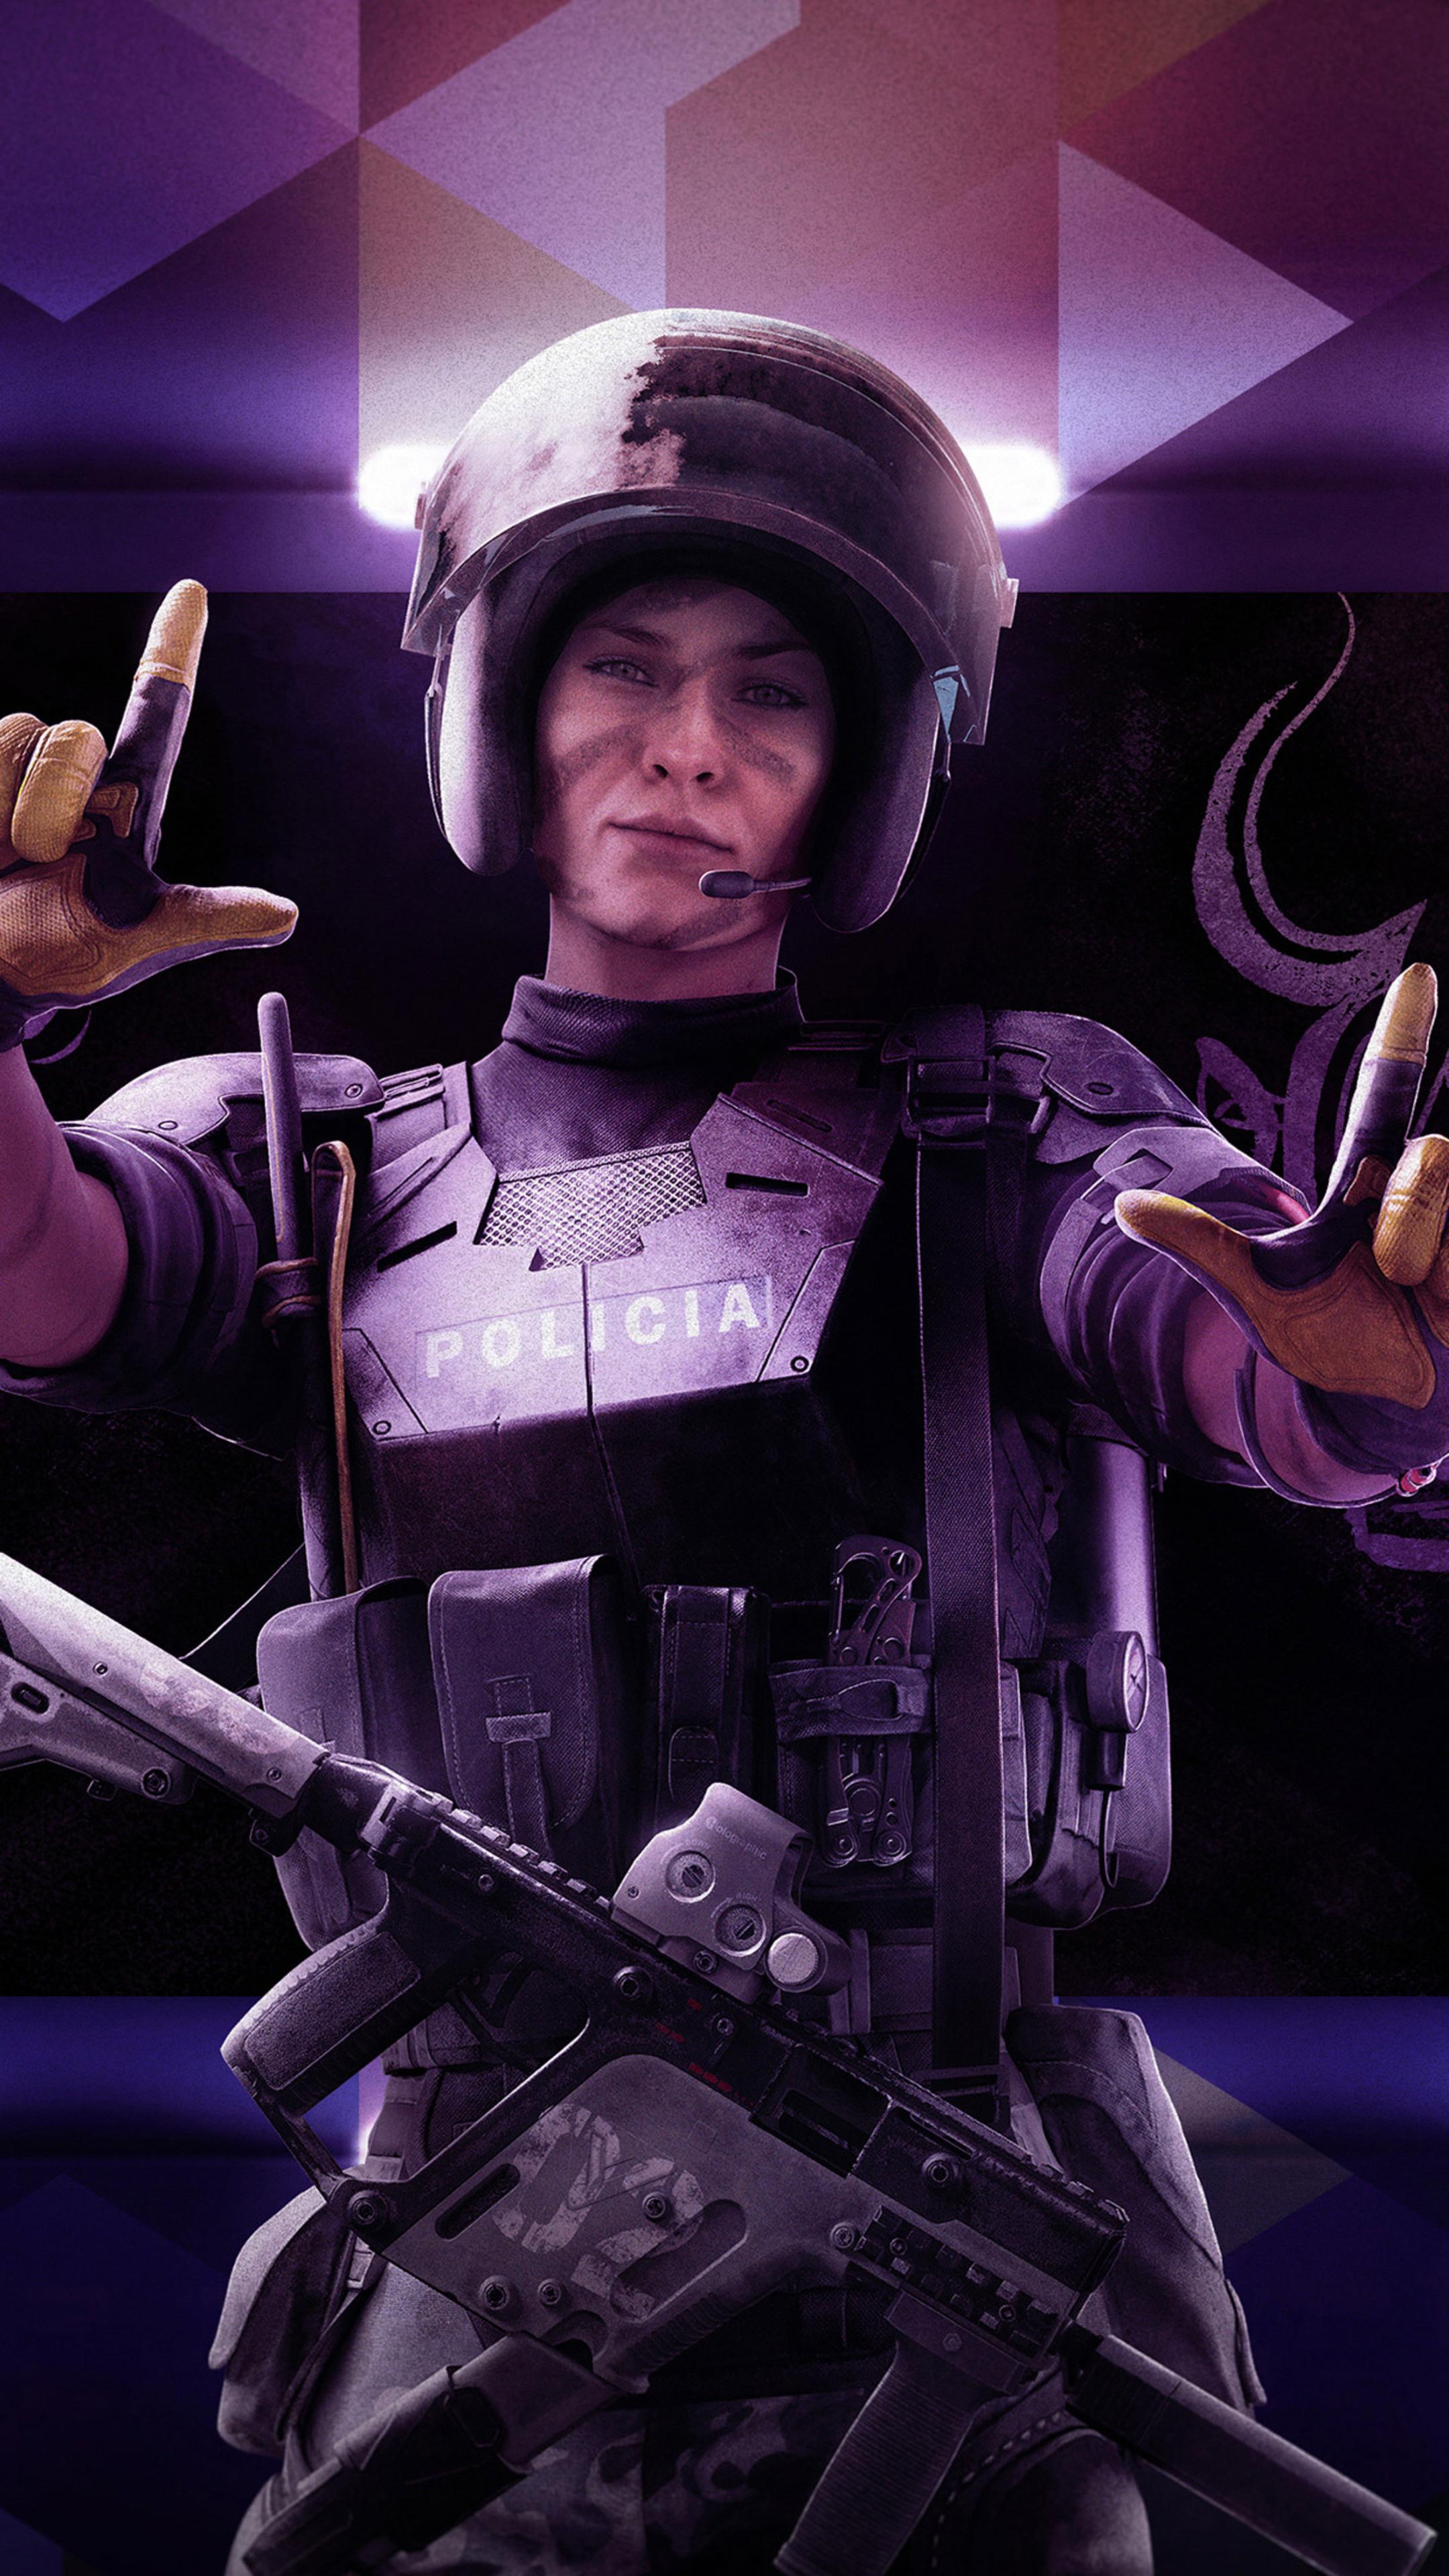 Tom Clancys Rainbow Six Siege Dokkaebi 4k, HD Games, 4k